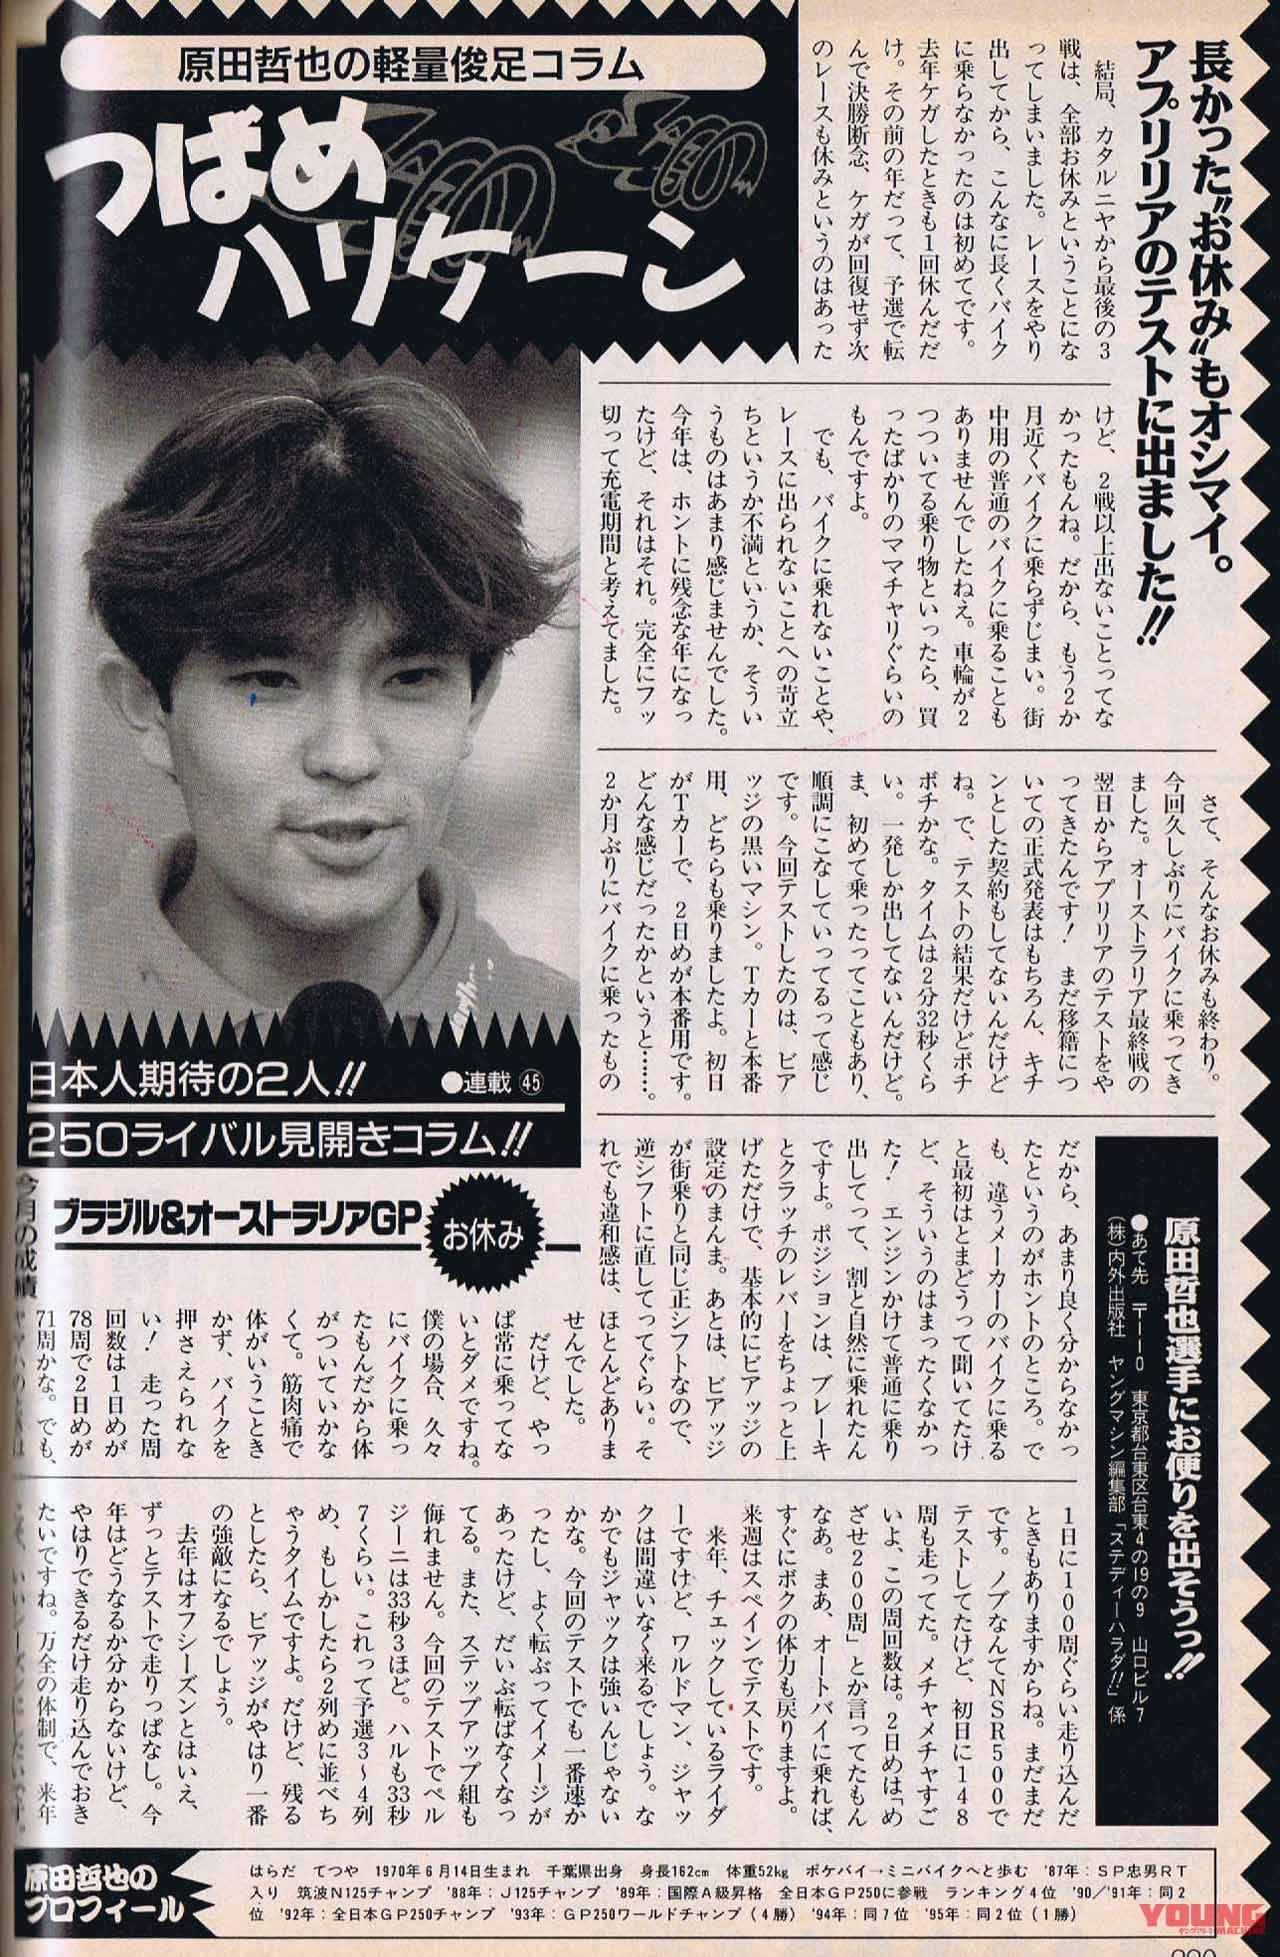 ヤングマシン1996年12月号、原田哲也の連載